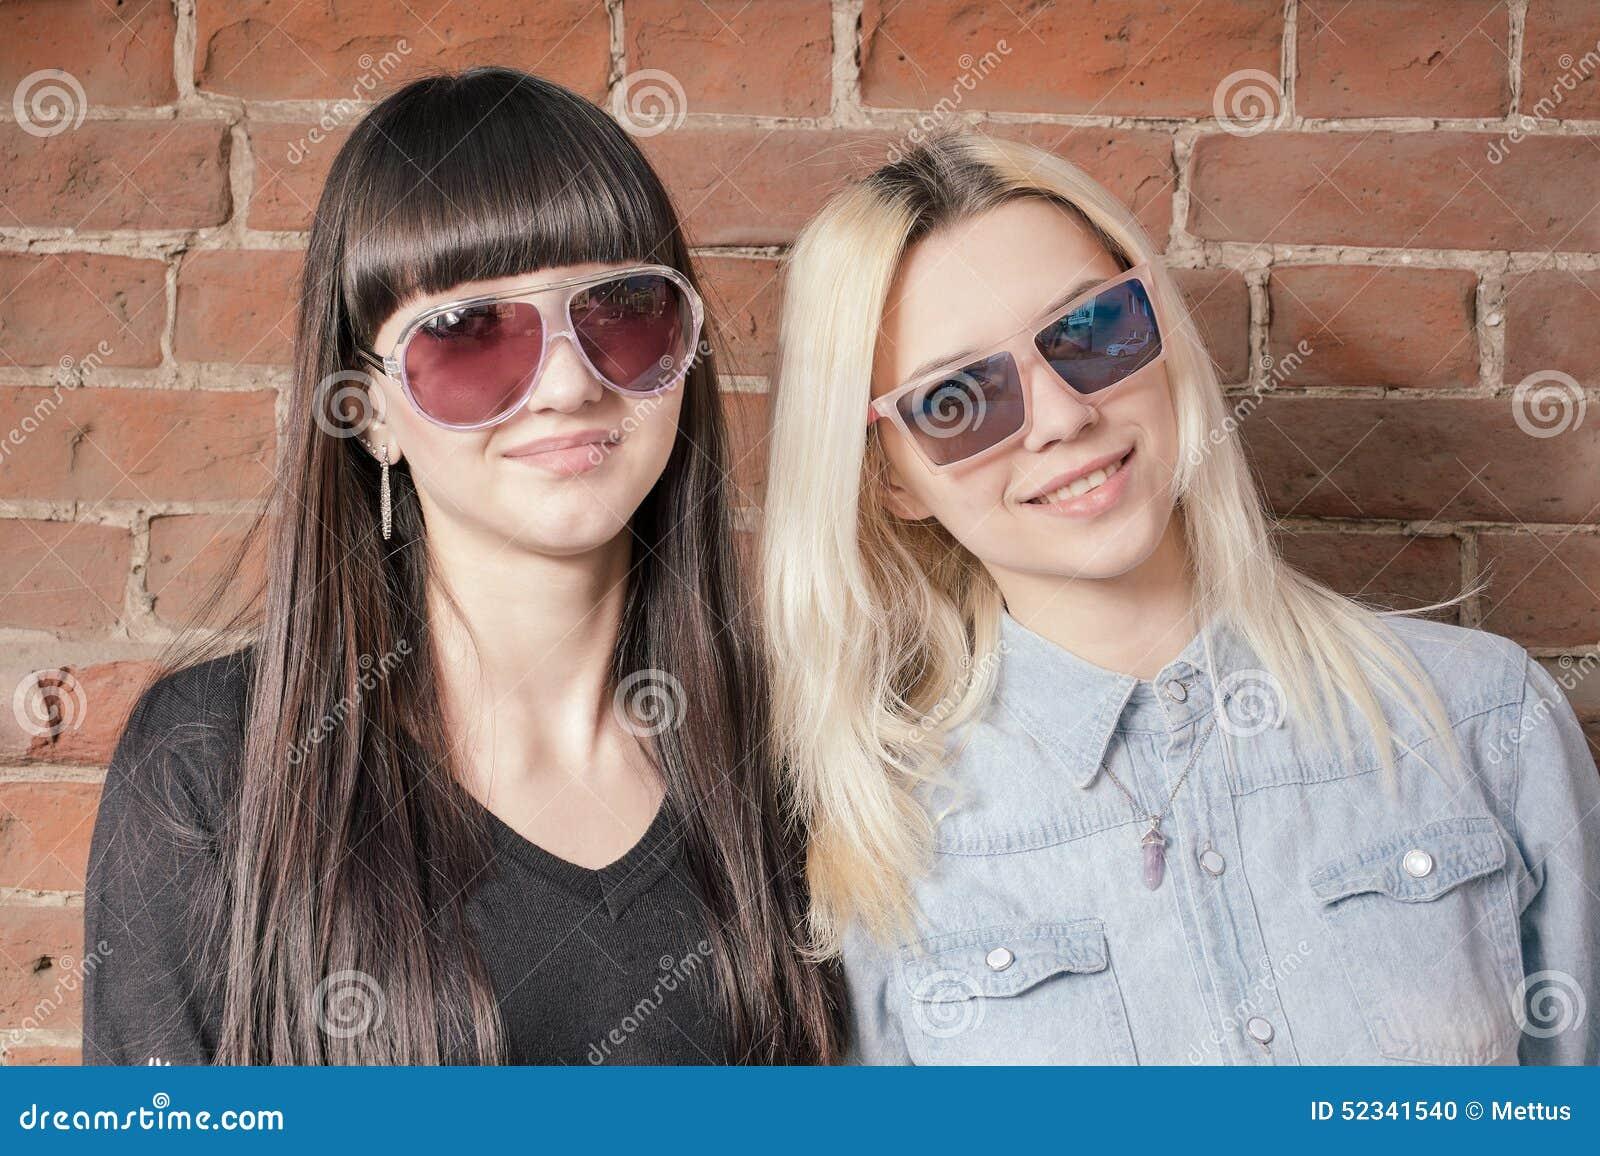 Фото молодых би женщин 14 фотография